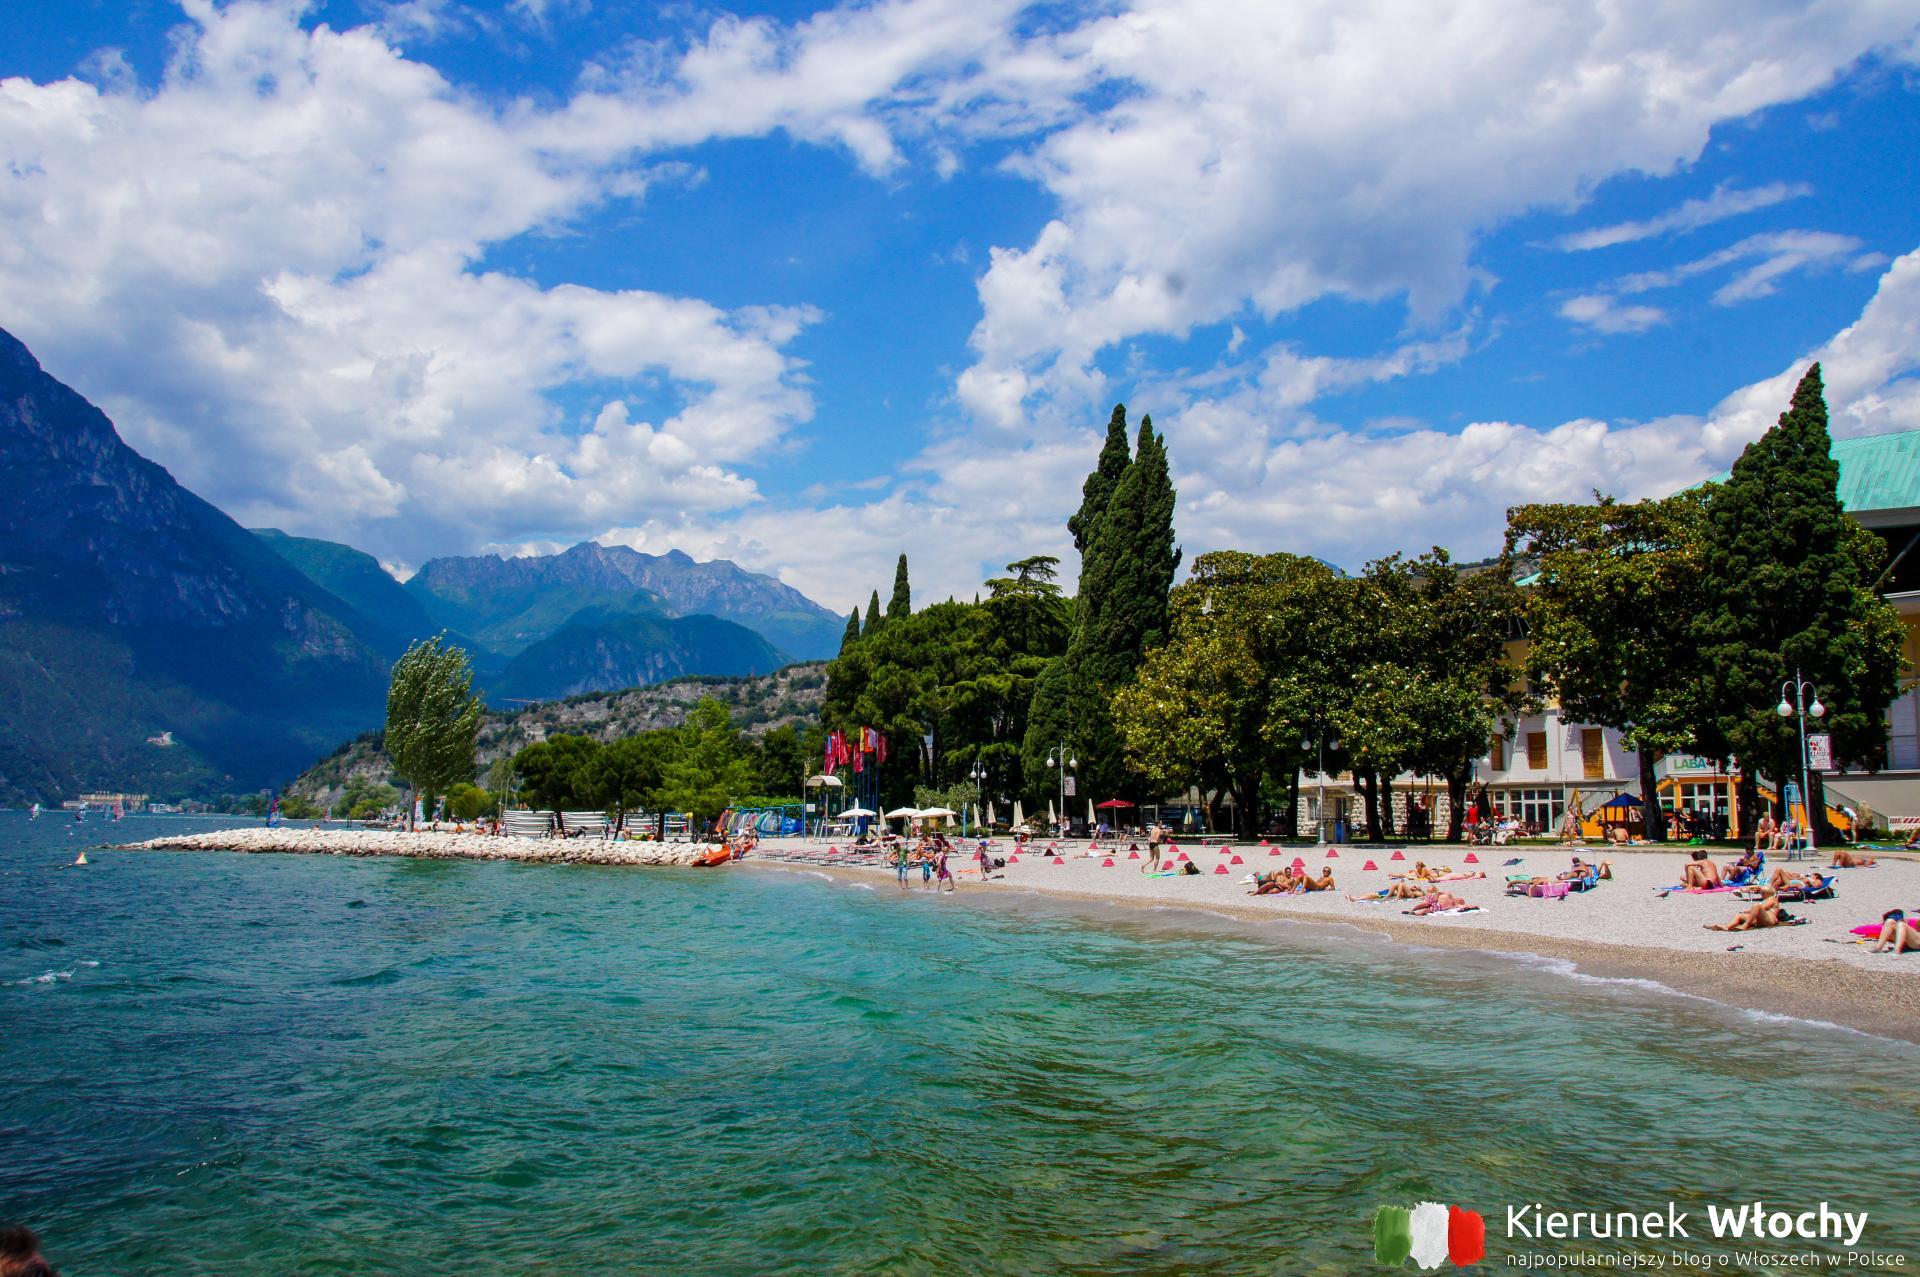 jezioro Garda, Włochy (fot. Ł. Ropczyński, kierunekwlochy.pl)